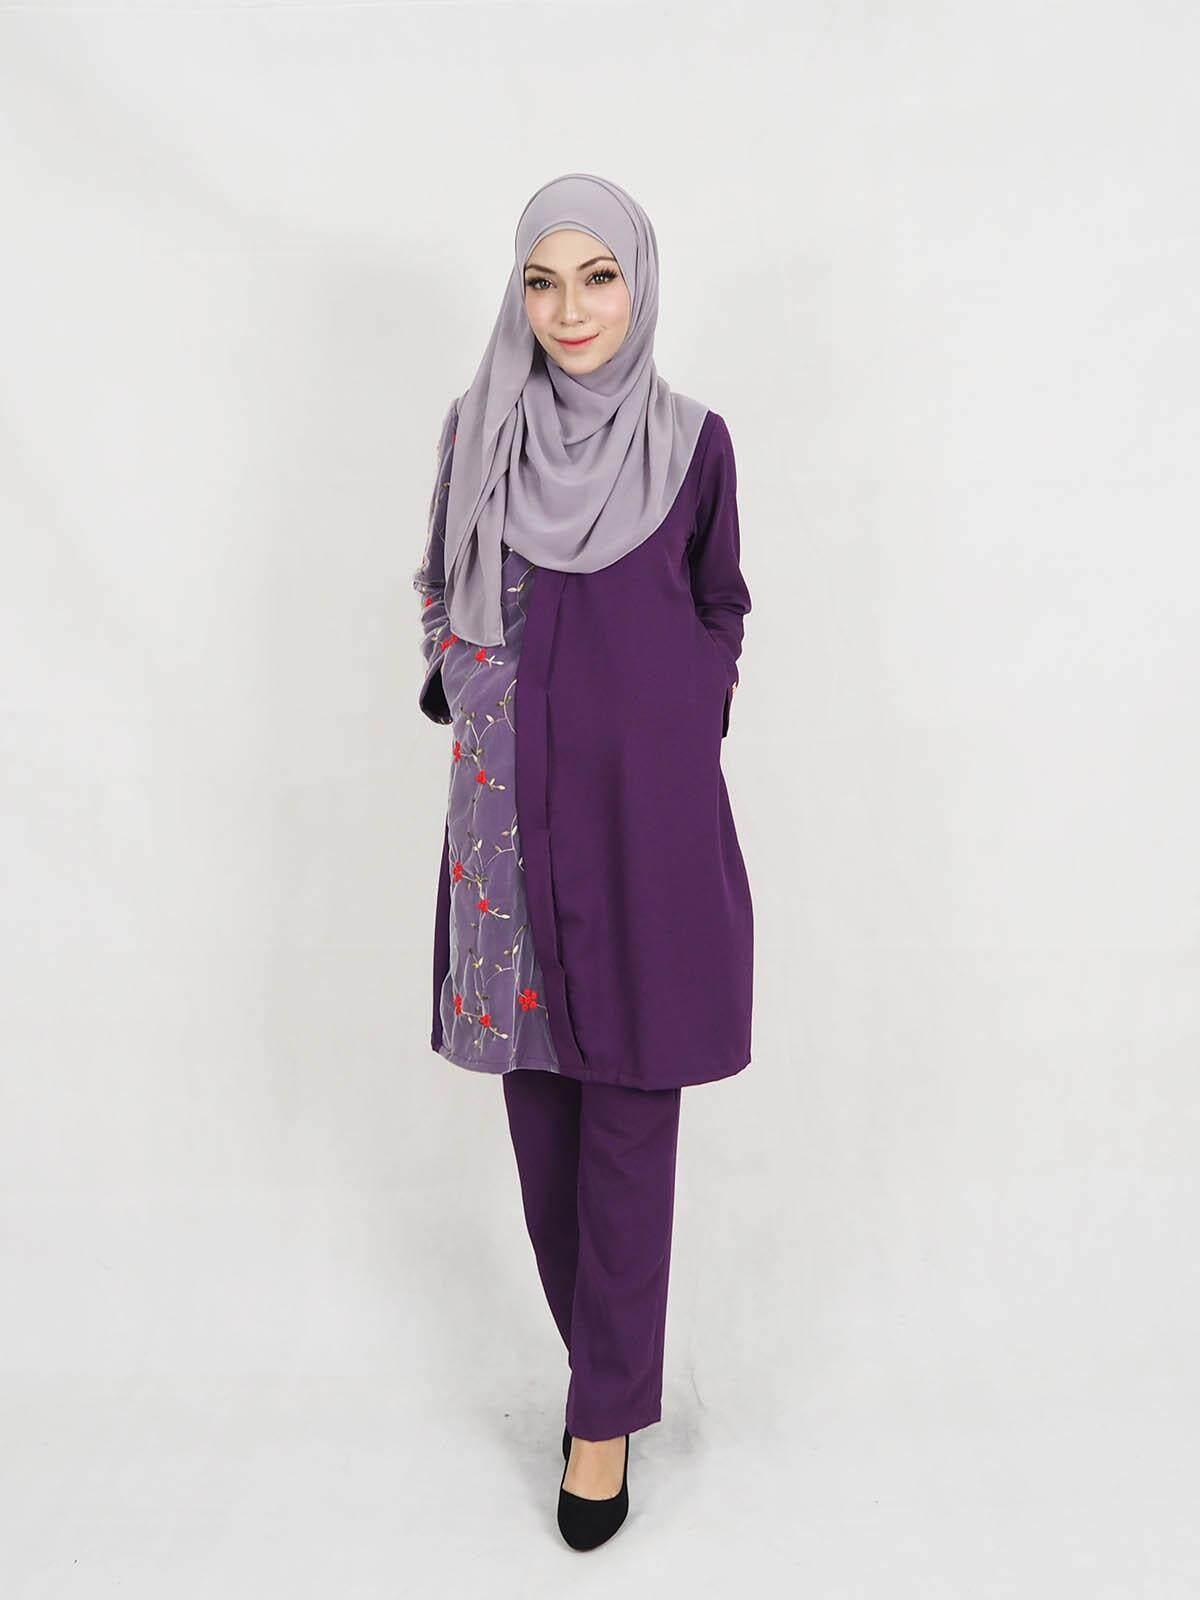 Muslimah Women Fashion Blouse+ Pant Set Chiffon (Plus Size) / Zashira Chiffon Blouse+Palazzo Pants Set (XXL-5XL) / Women Fashion Moden Baju Raya Peplum Layer Blouse Pant Set Rose Net with side Pocket 2019